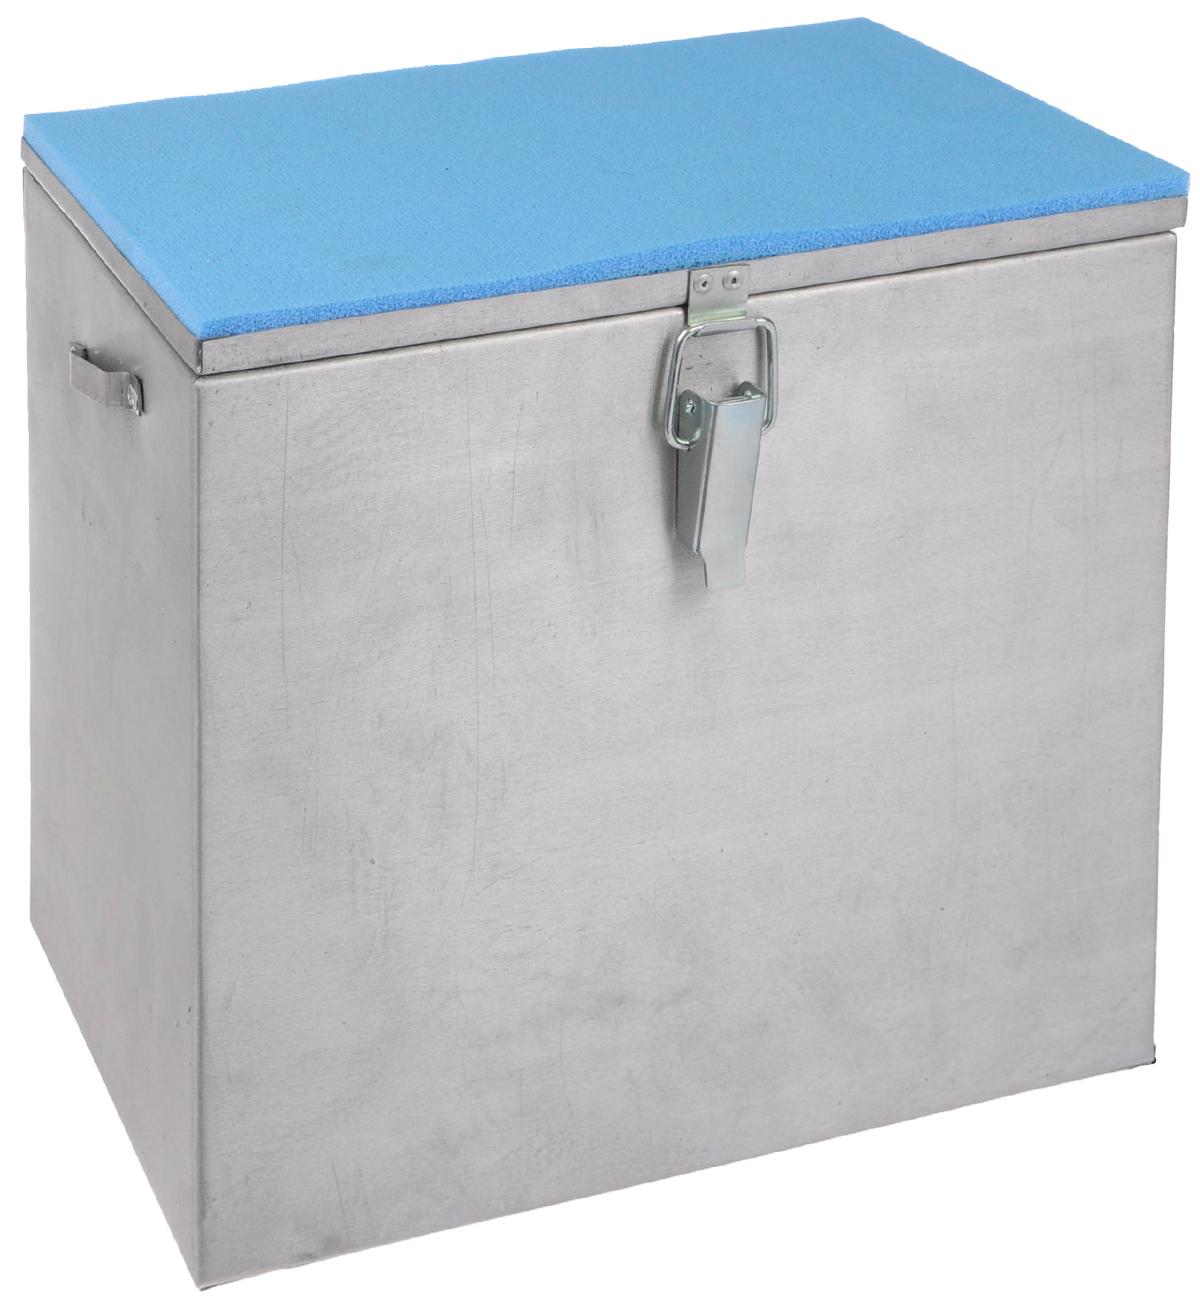 Ящик рыболова Рост, алюминиевый, 30 см х 19 см х 29 см. 24464271825Прочный и надежный ящик Рост, выполненный из высококачественного алюминия, сможет не один год прослужить любителю зимней рыбалки для транспортировки снастей и улова. Служащая сиденьем верхняя часть крышки оклеена плотным теплоизолятором - пенополиэтиленом с рифленой поверхностью. Боковые стенки емкости снабжены петлями для крепления идущего в комплекте плечевого ремня.